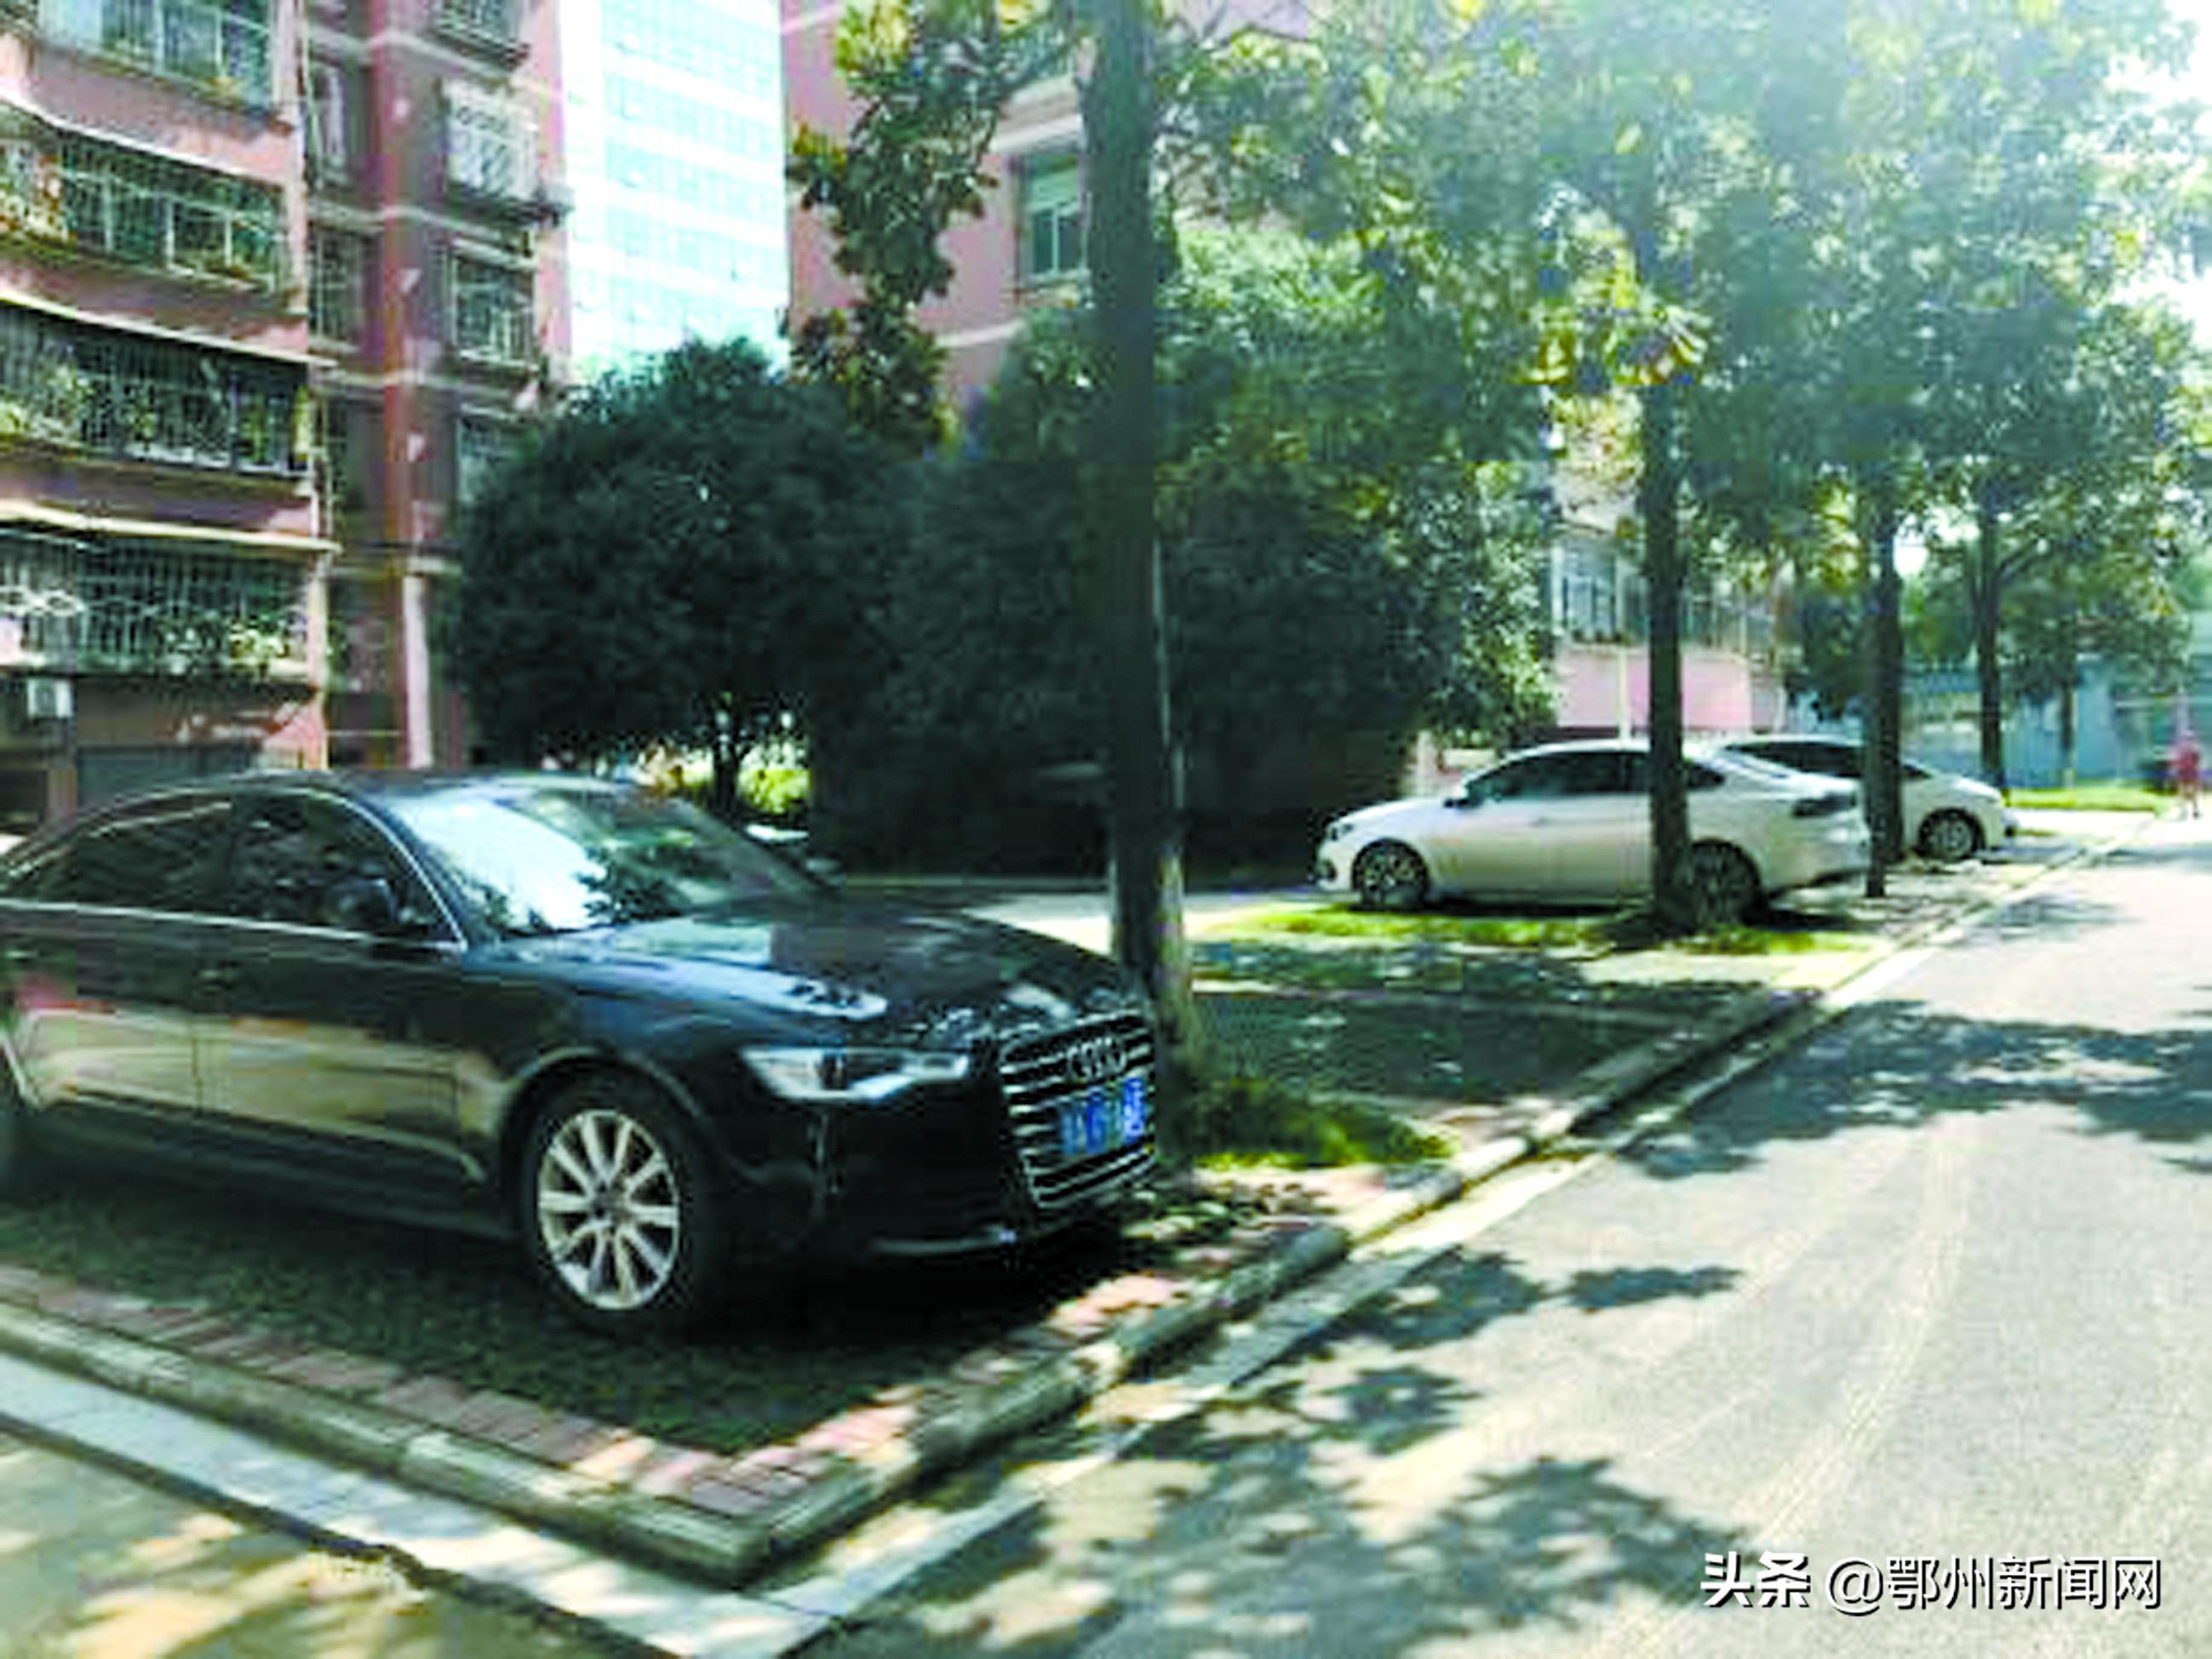 鄂州建设4000个生态停车位,有效缓解居民停车难的问题